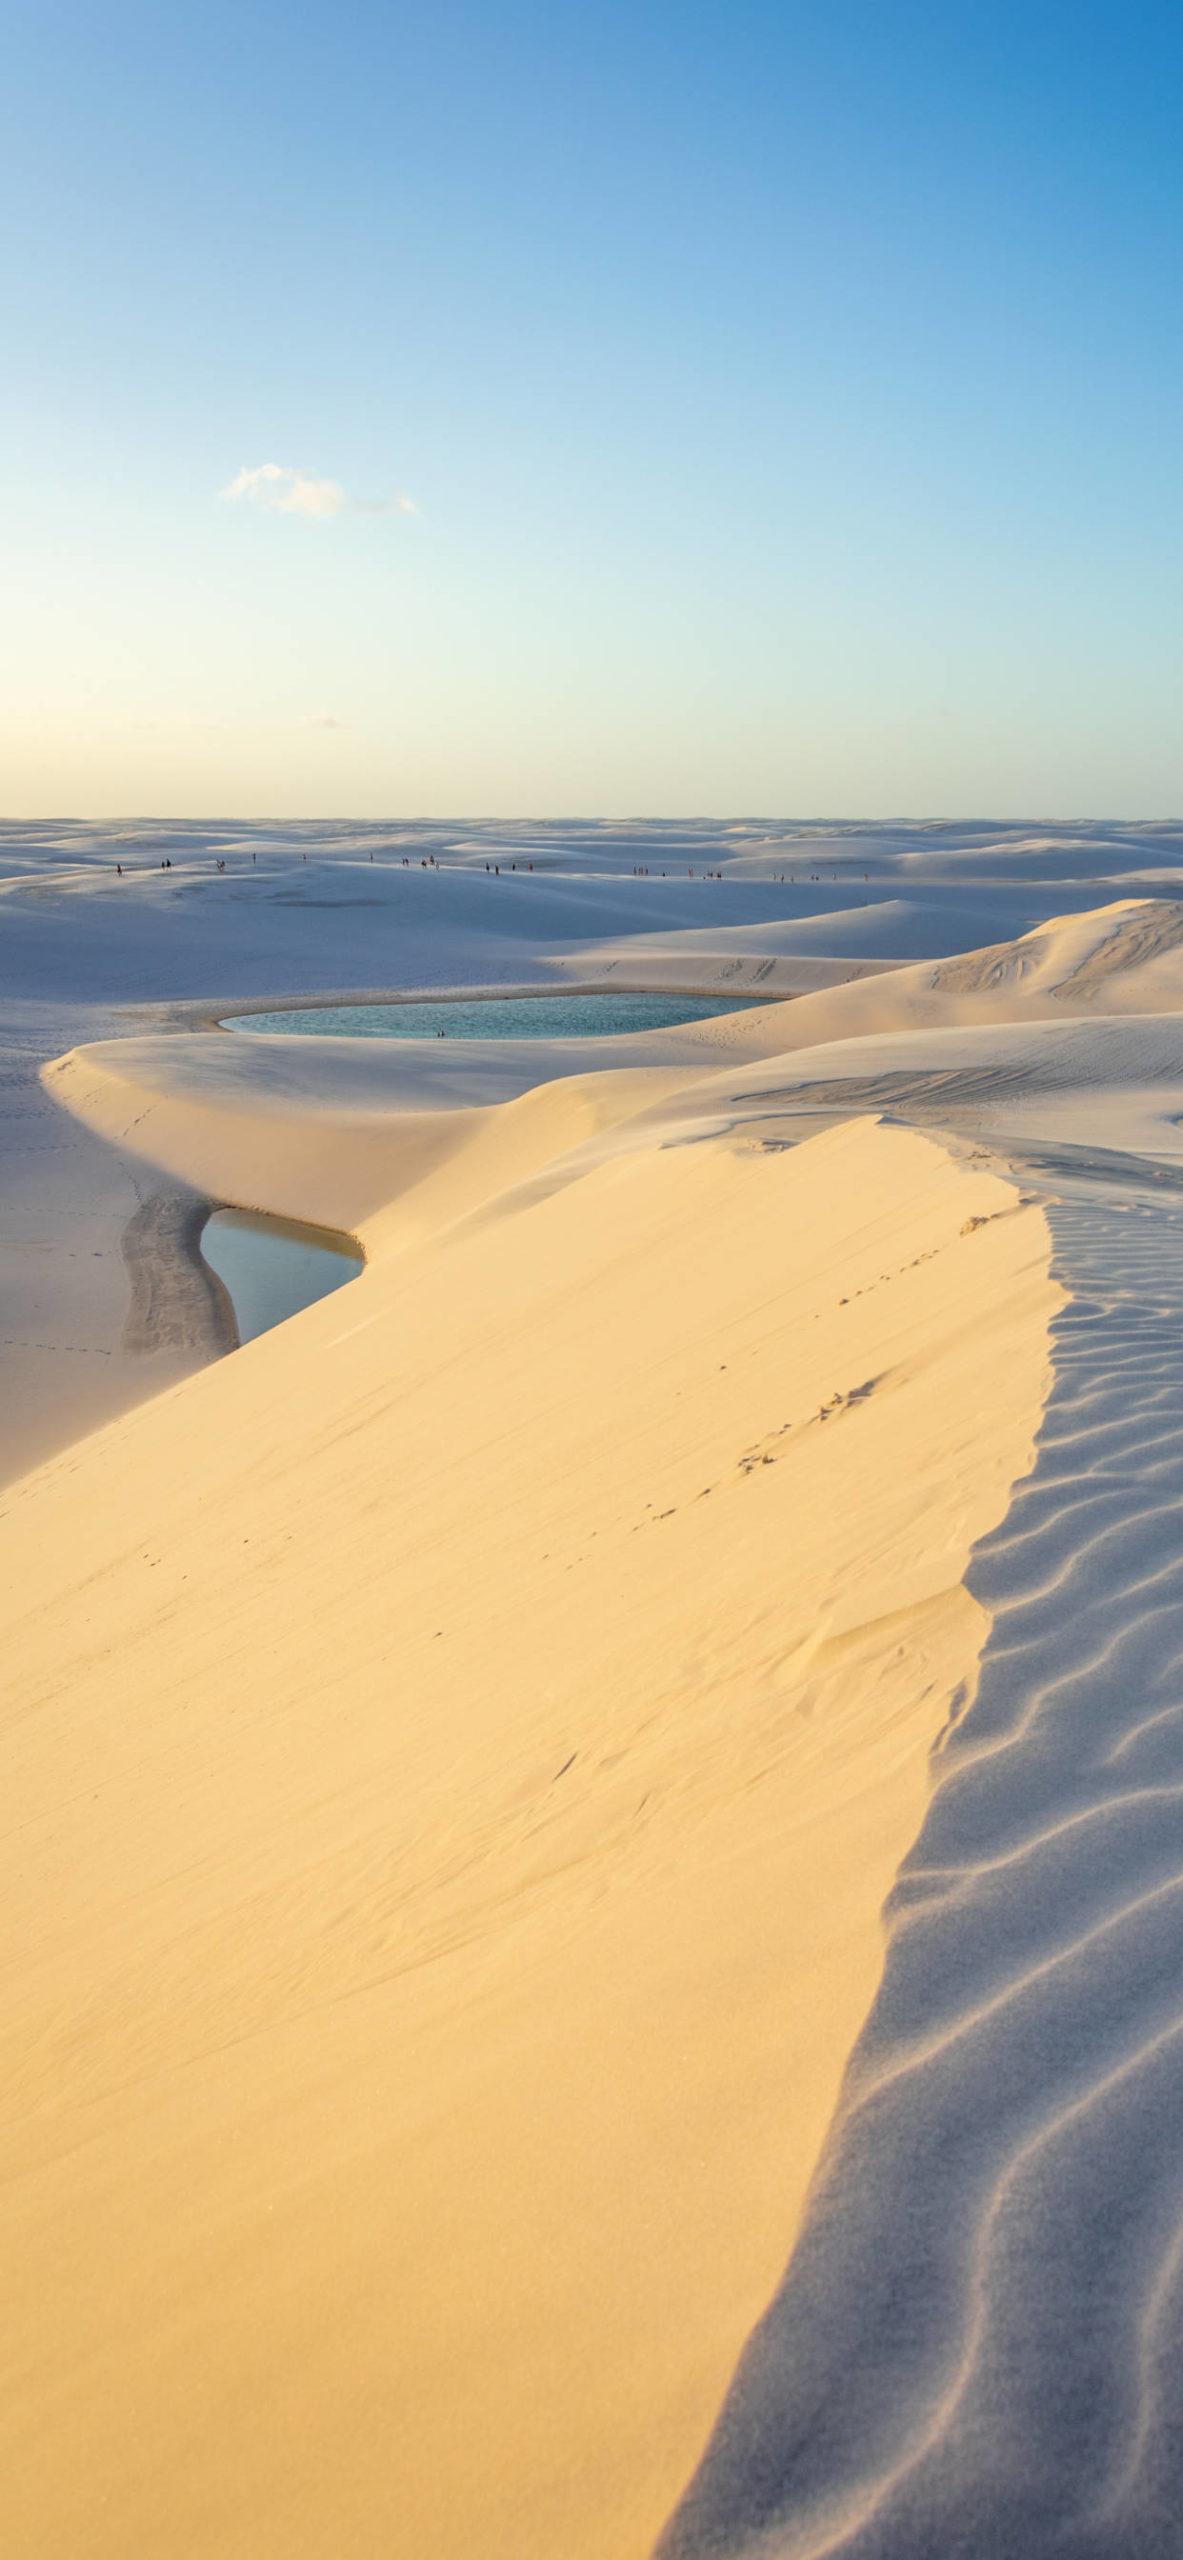 iPhone wallpapers maranhao sand scaled Maranhão